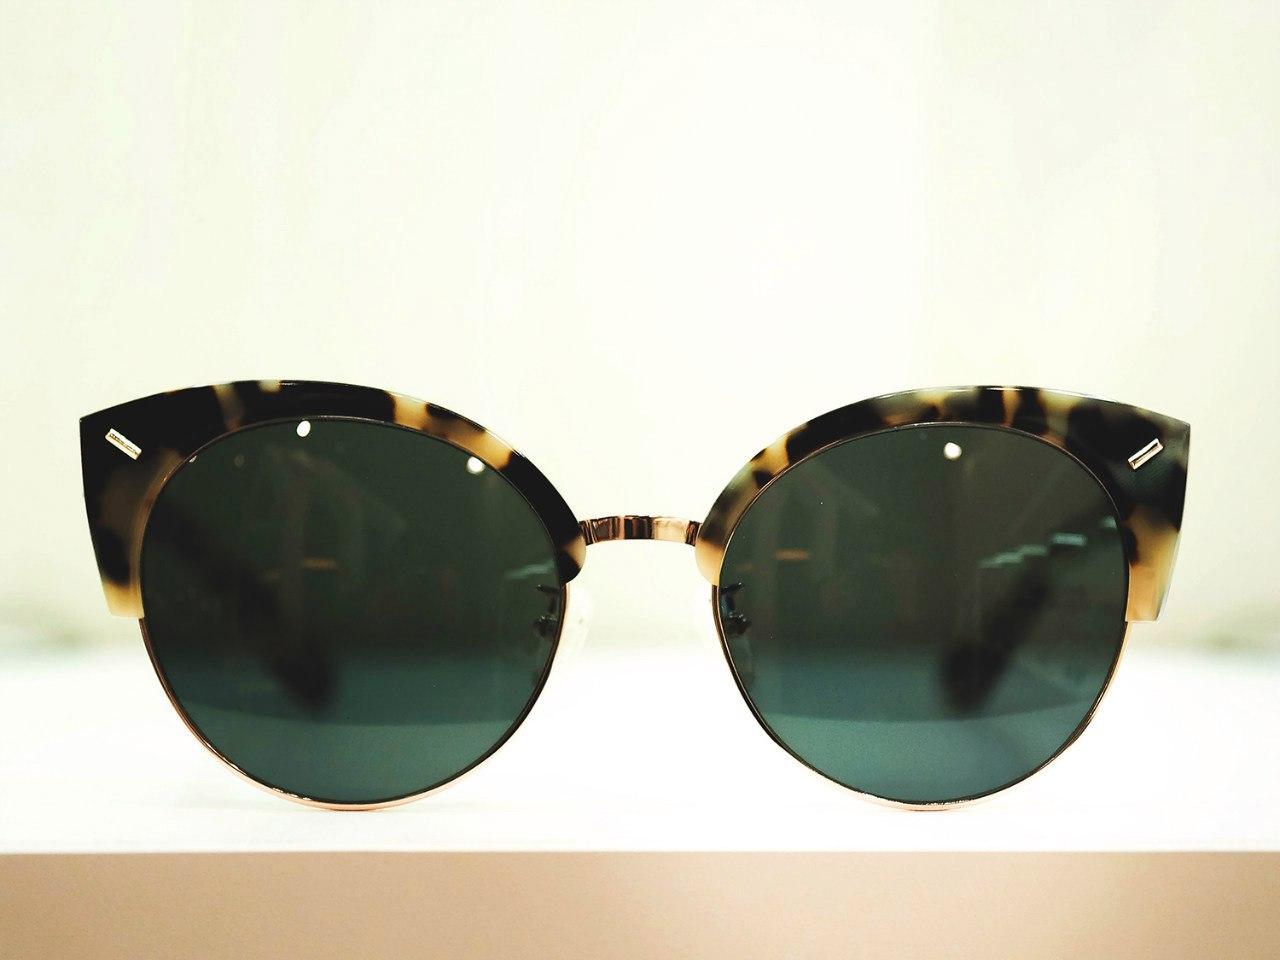 солнцезащитные очки Carin sunglasses Carin glasses Carin eyeglasses frames spectaculars